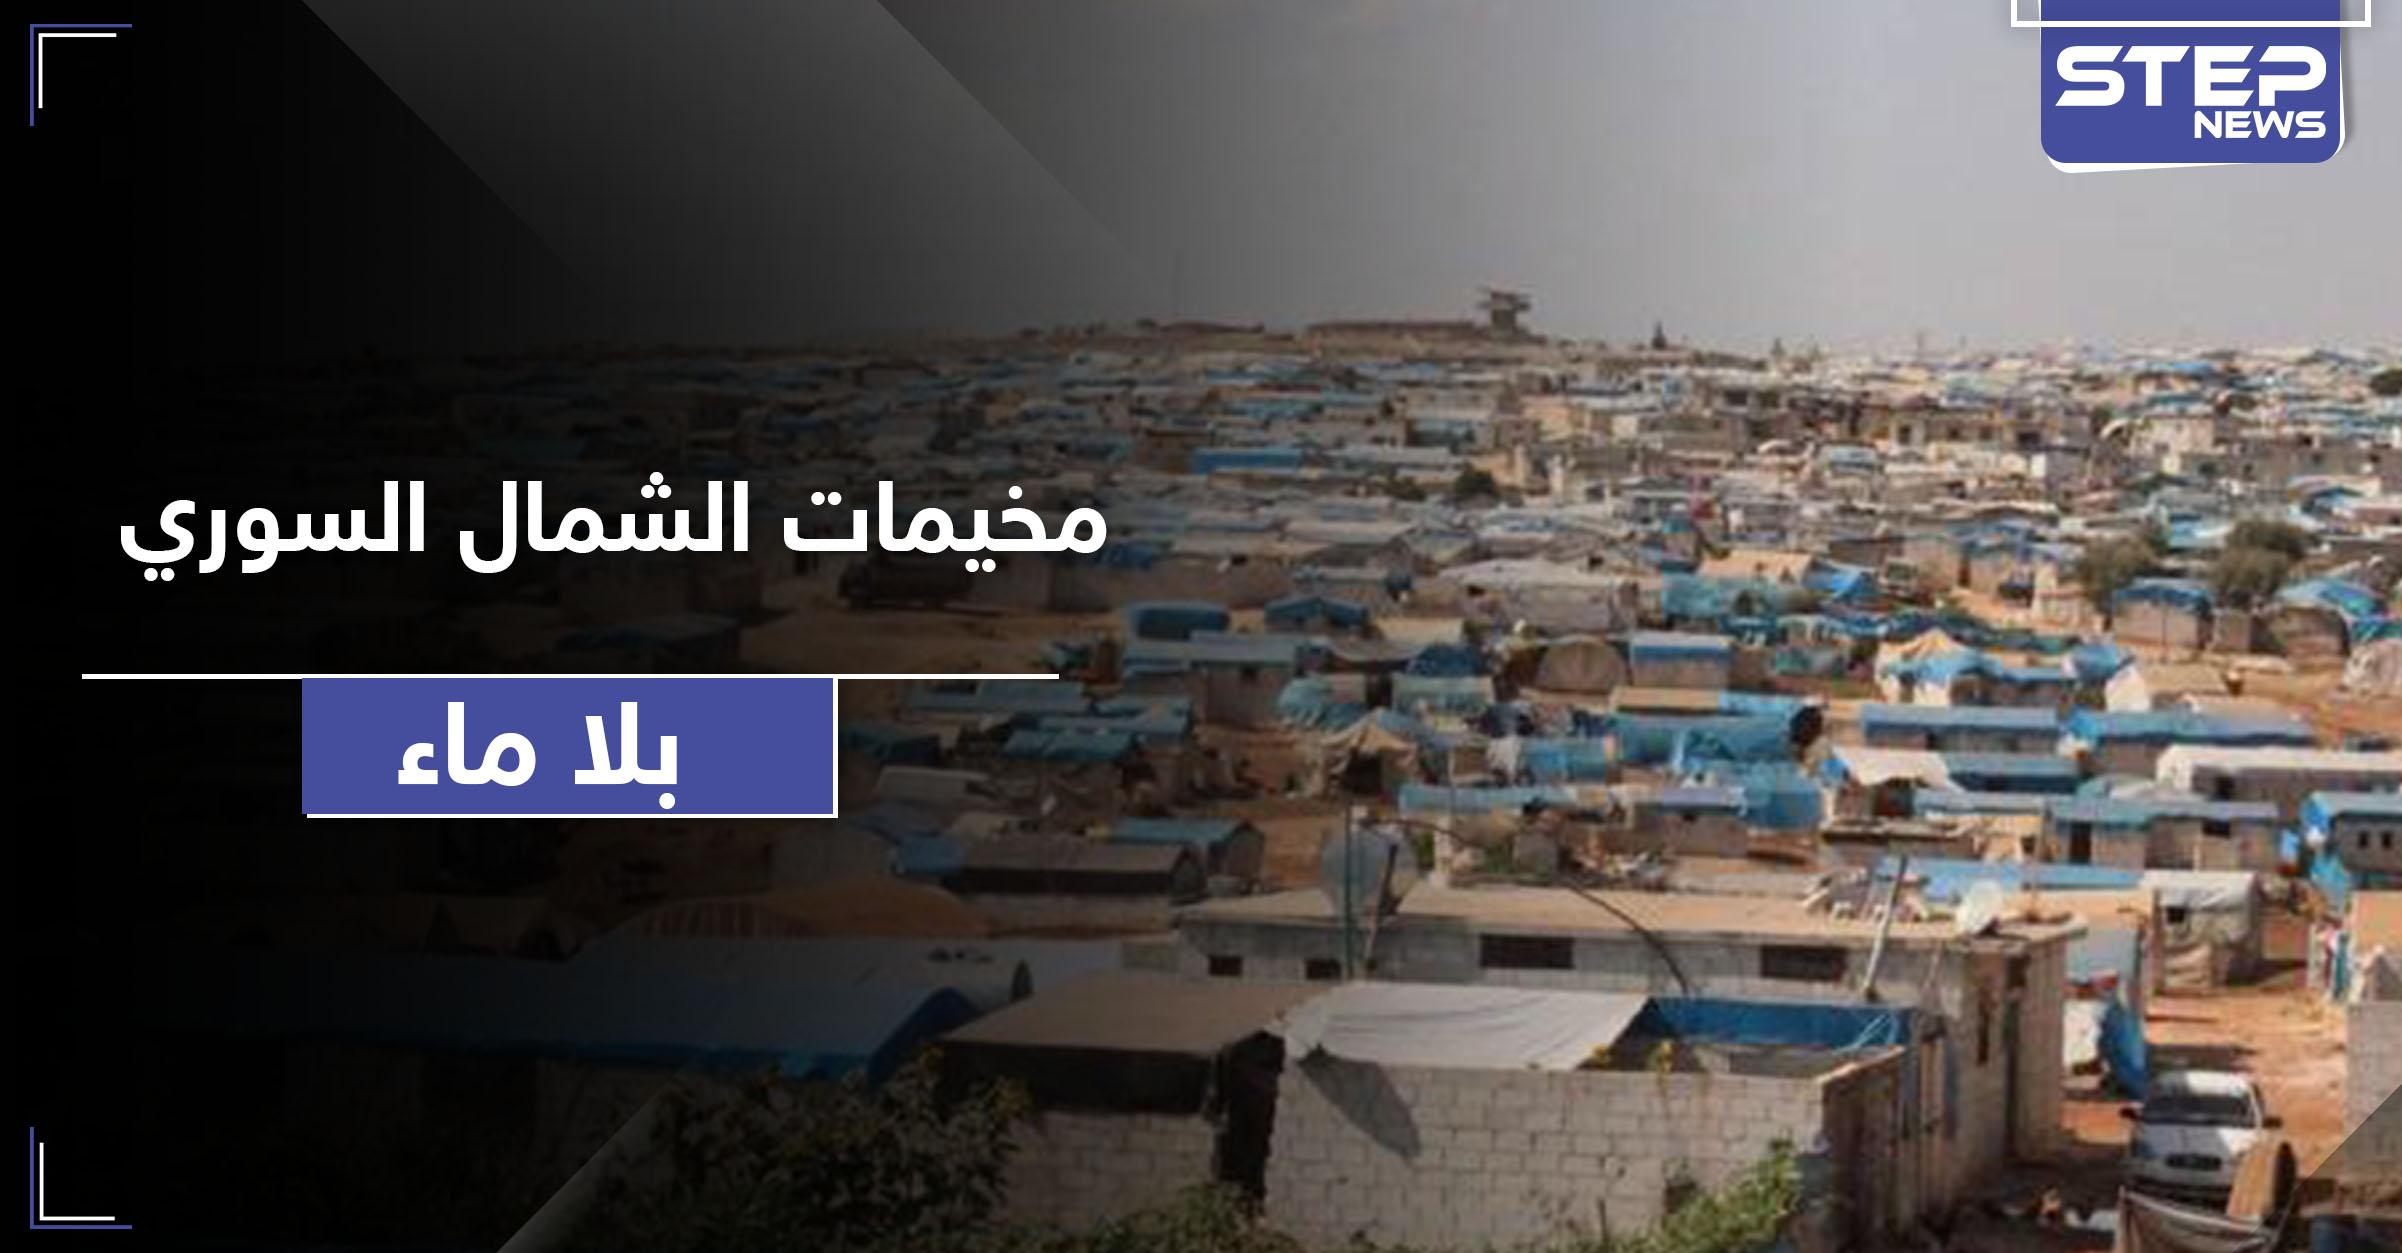 مخيمات الشمال السوري بلا ماء